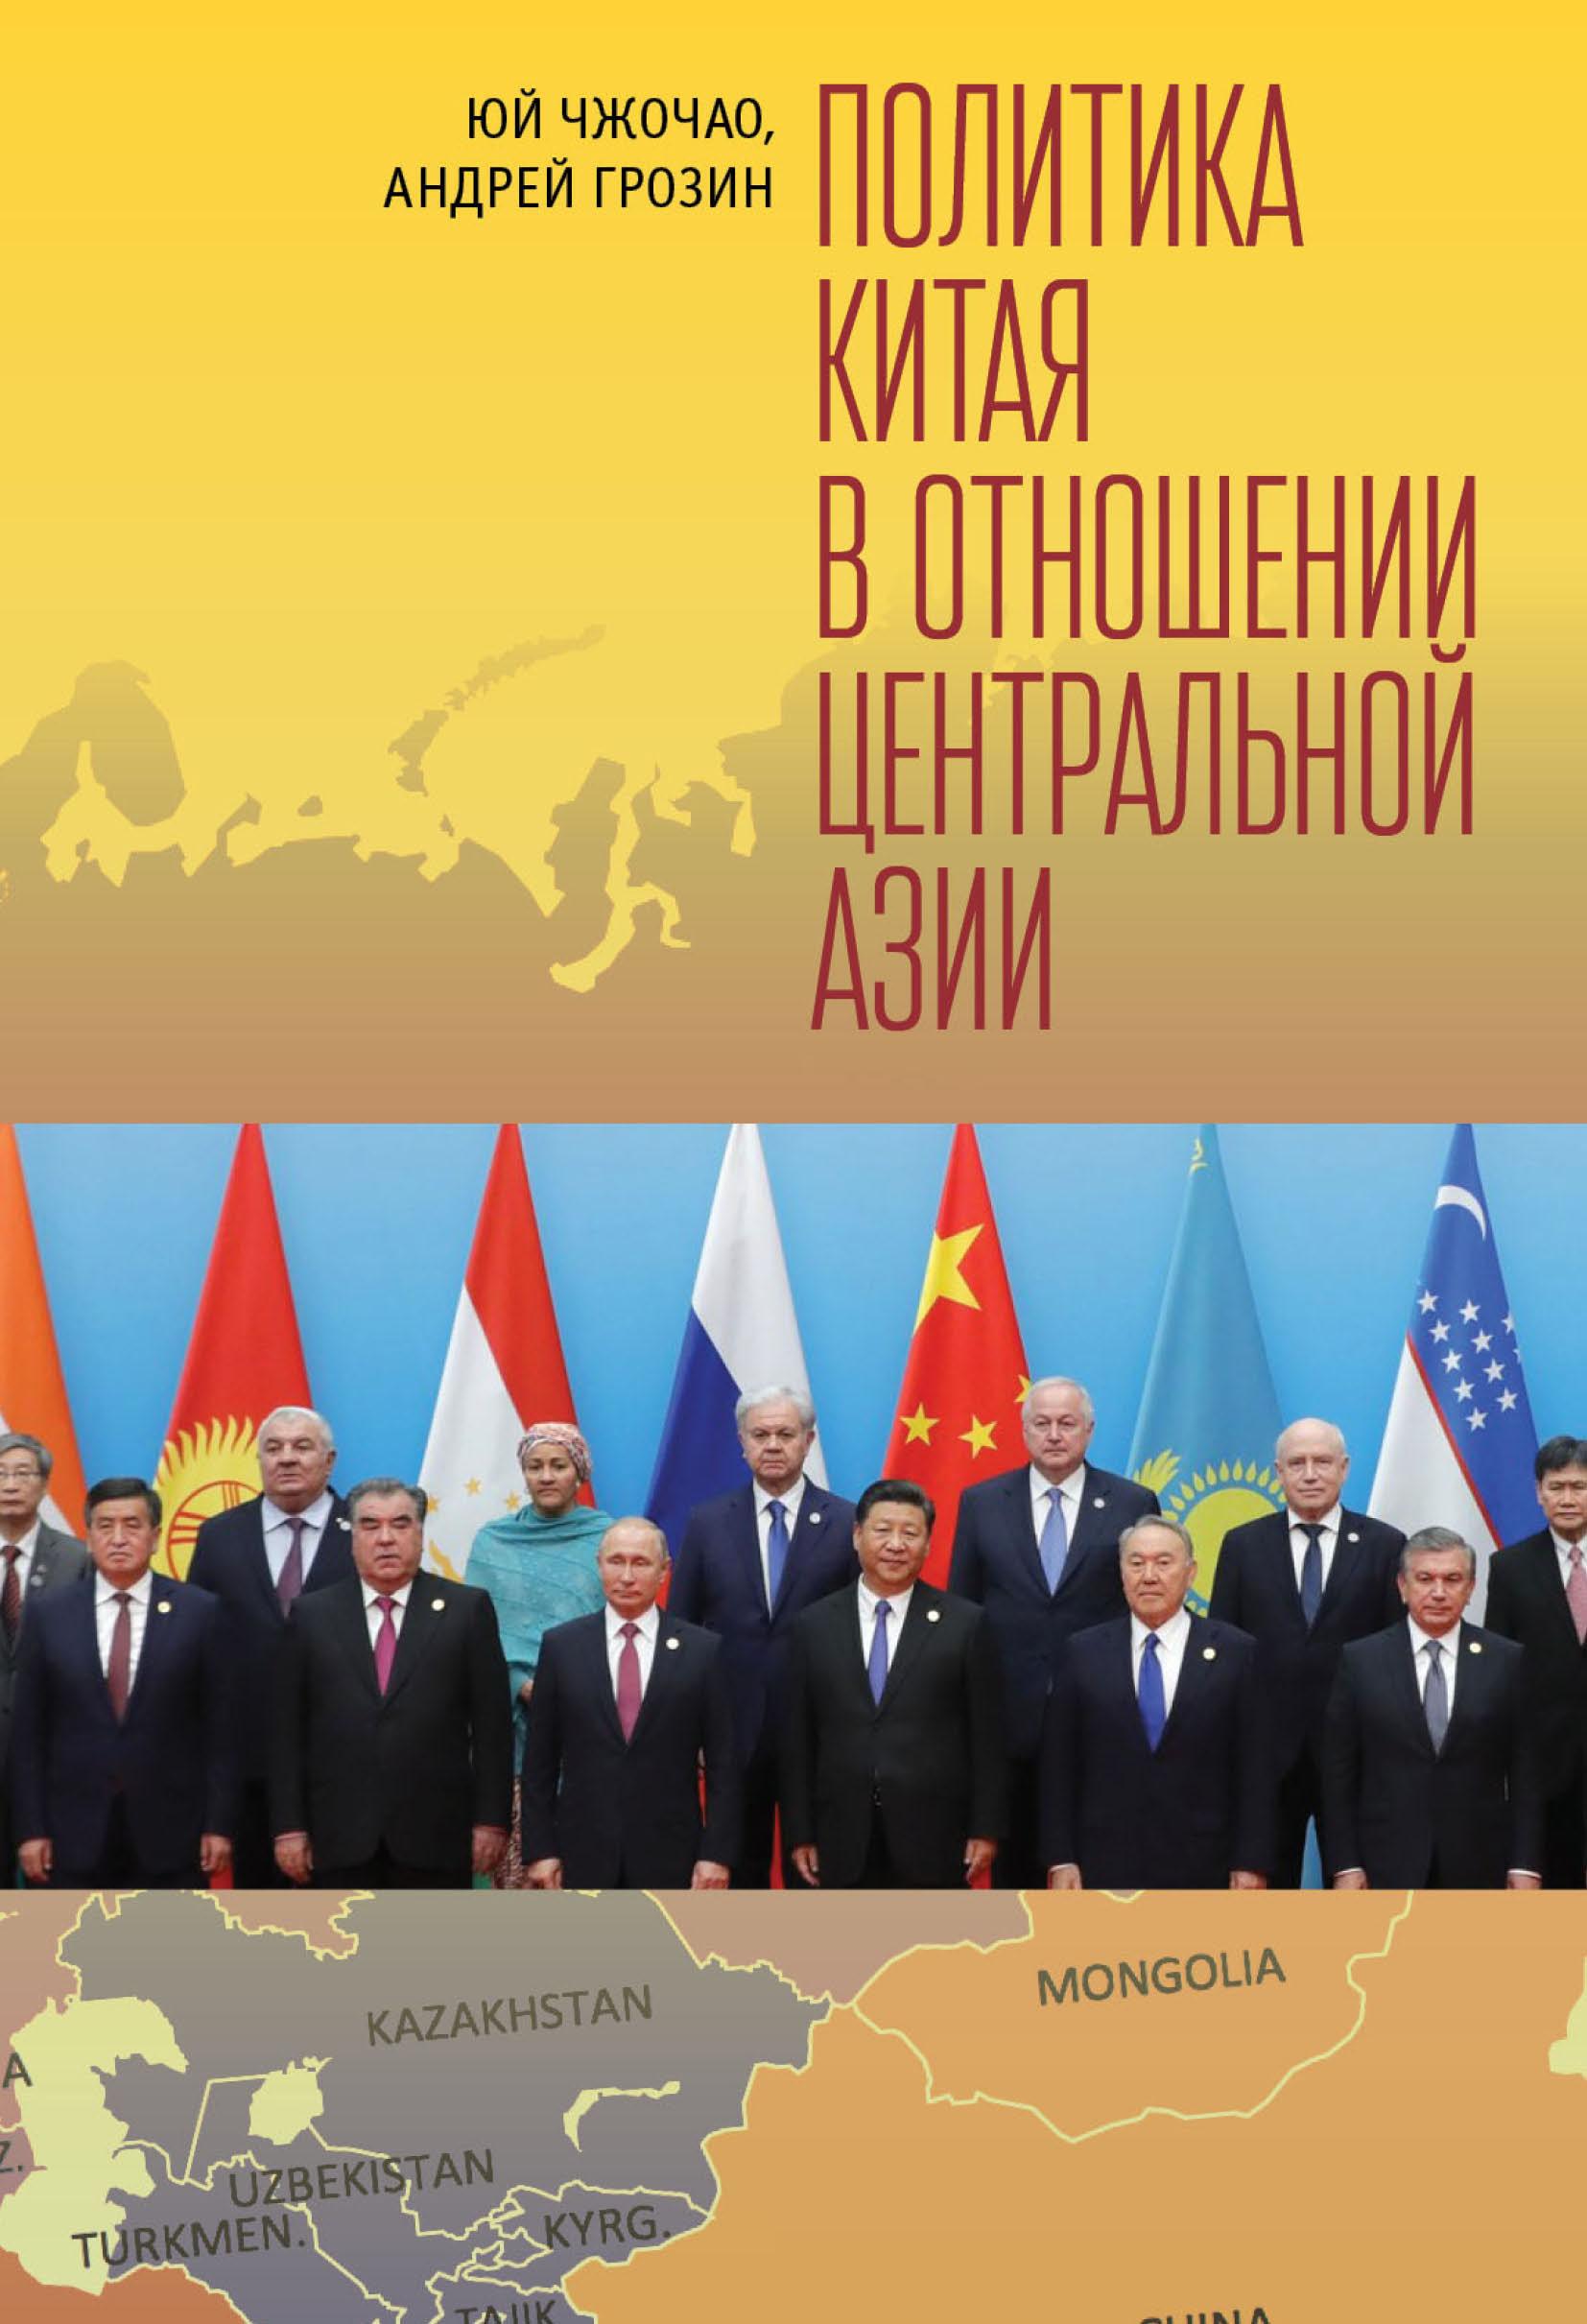 Юй Чжочао Политика Китая в отношении Центральной Азии